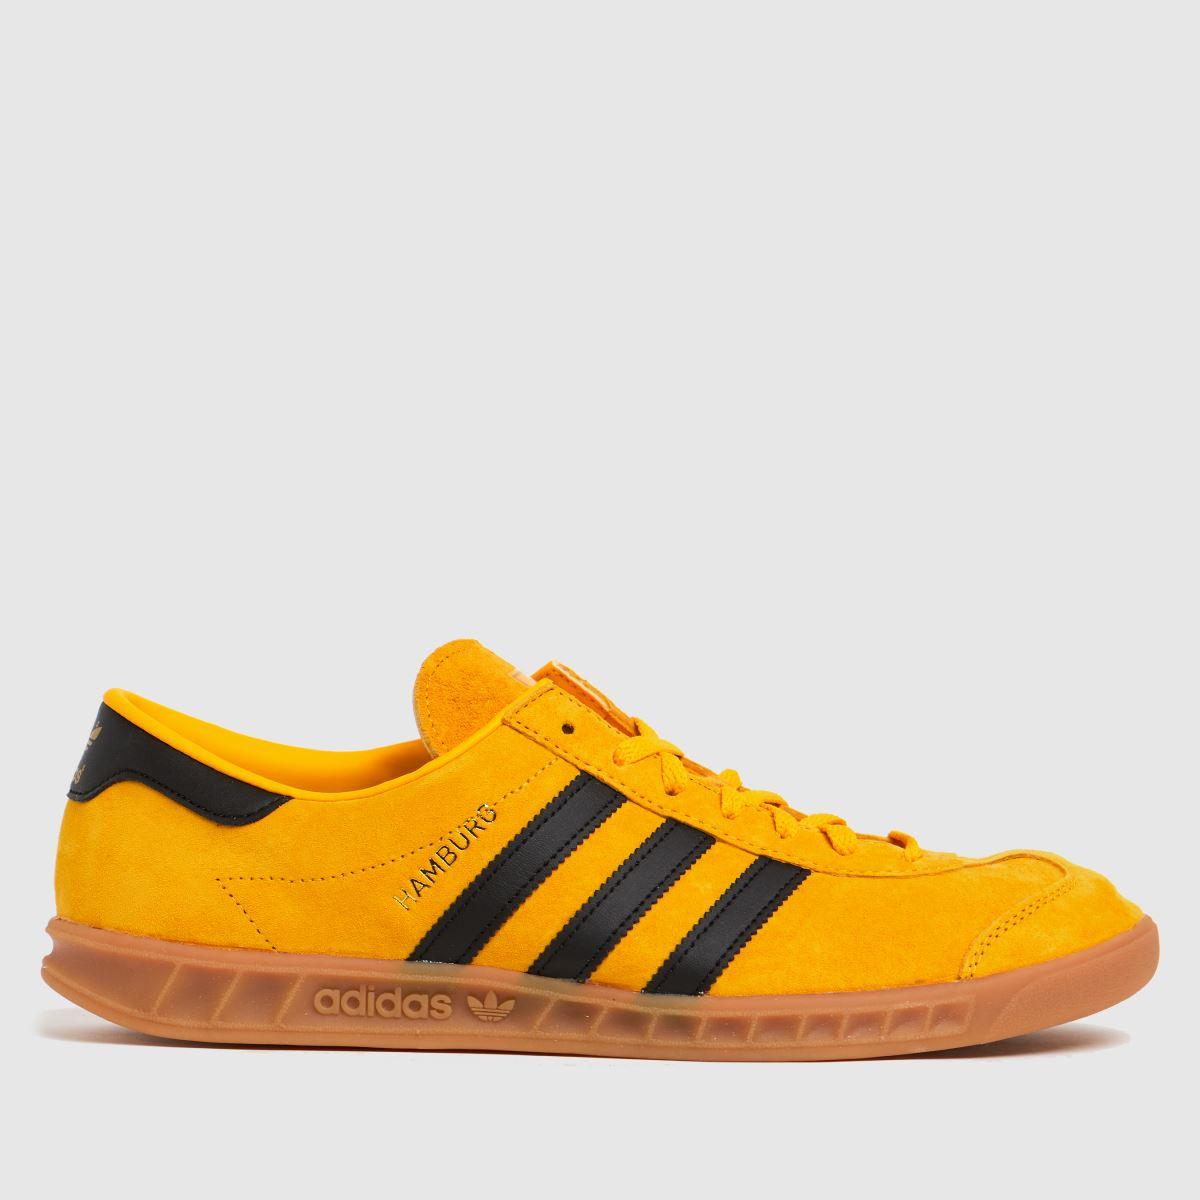 Adidas Yellow Hamburg Trainers